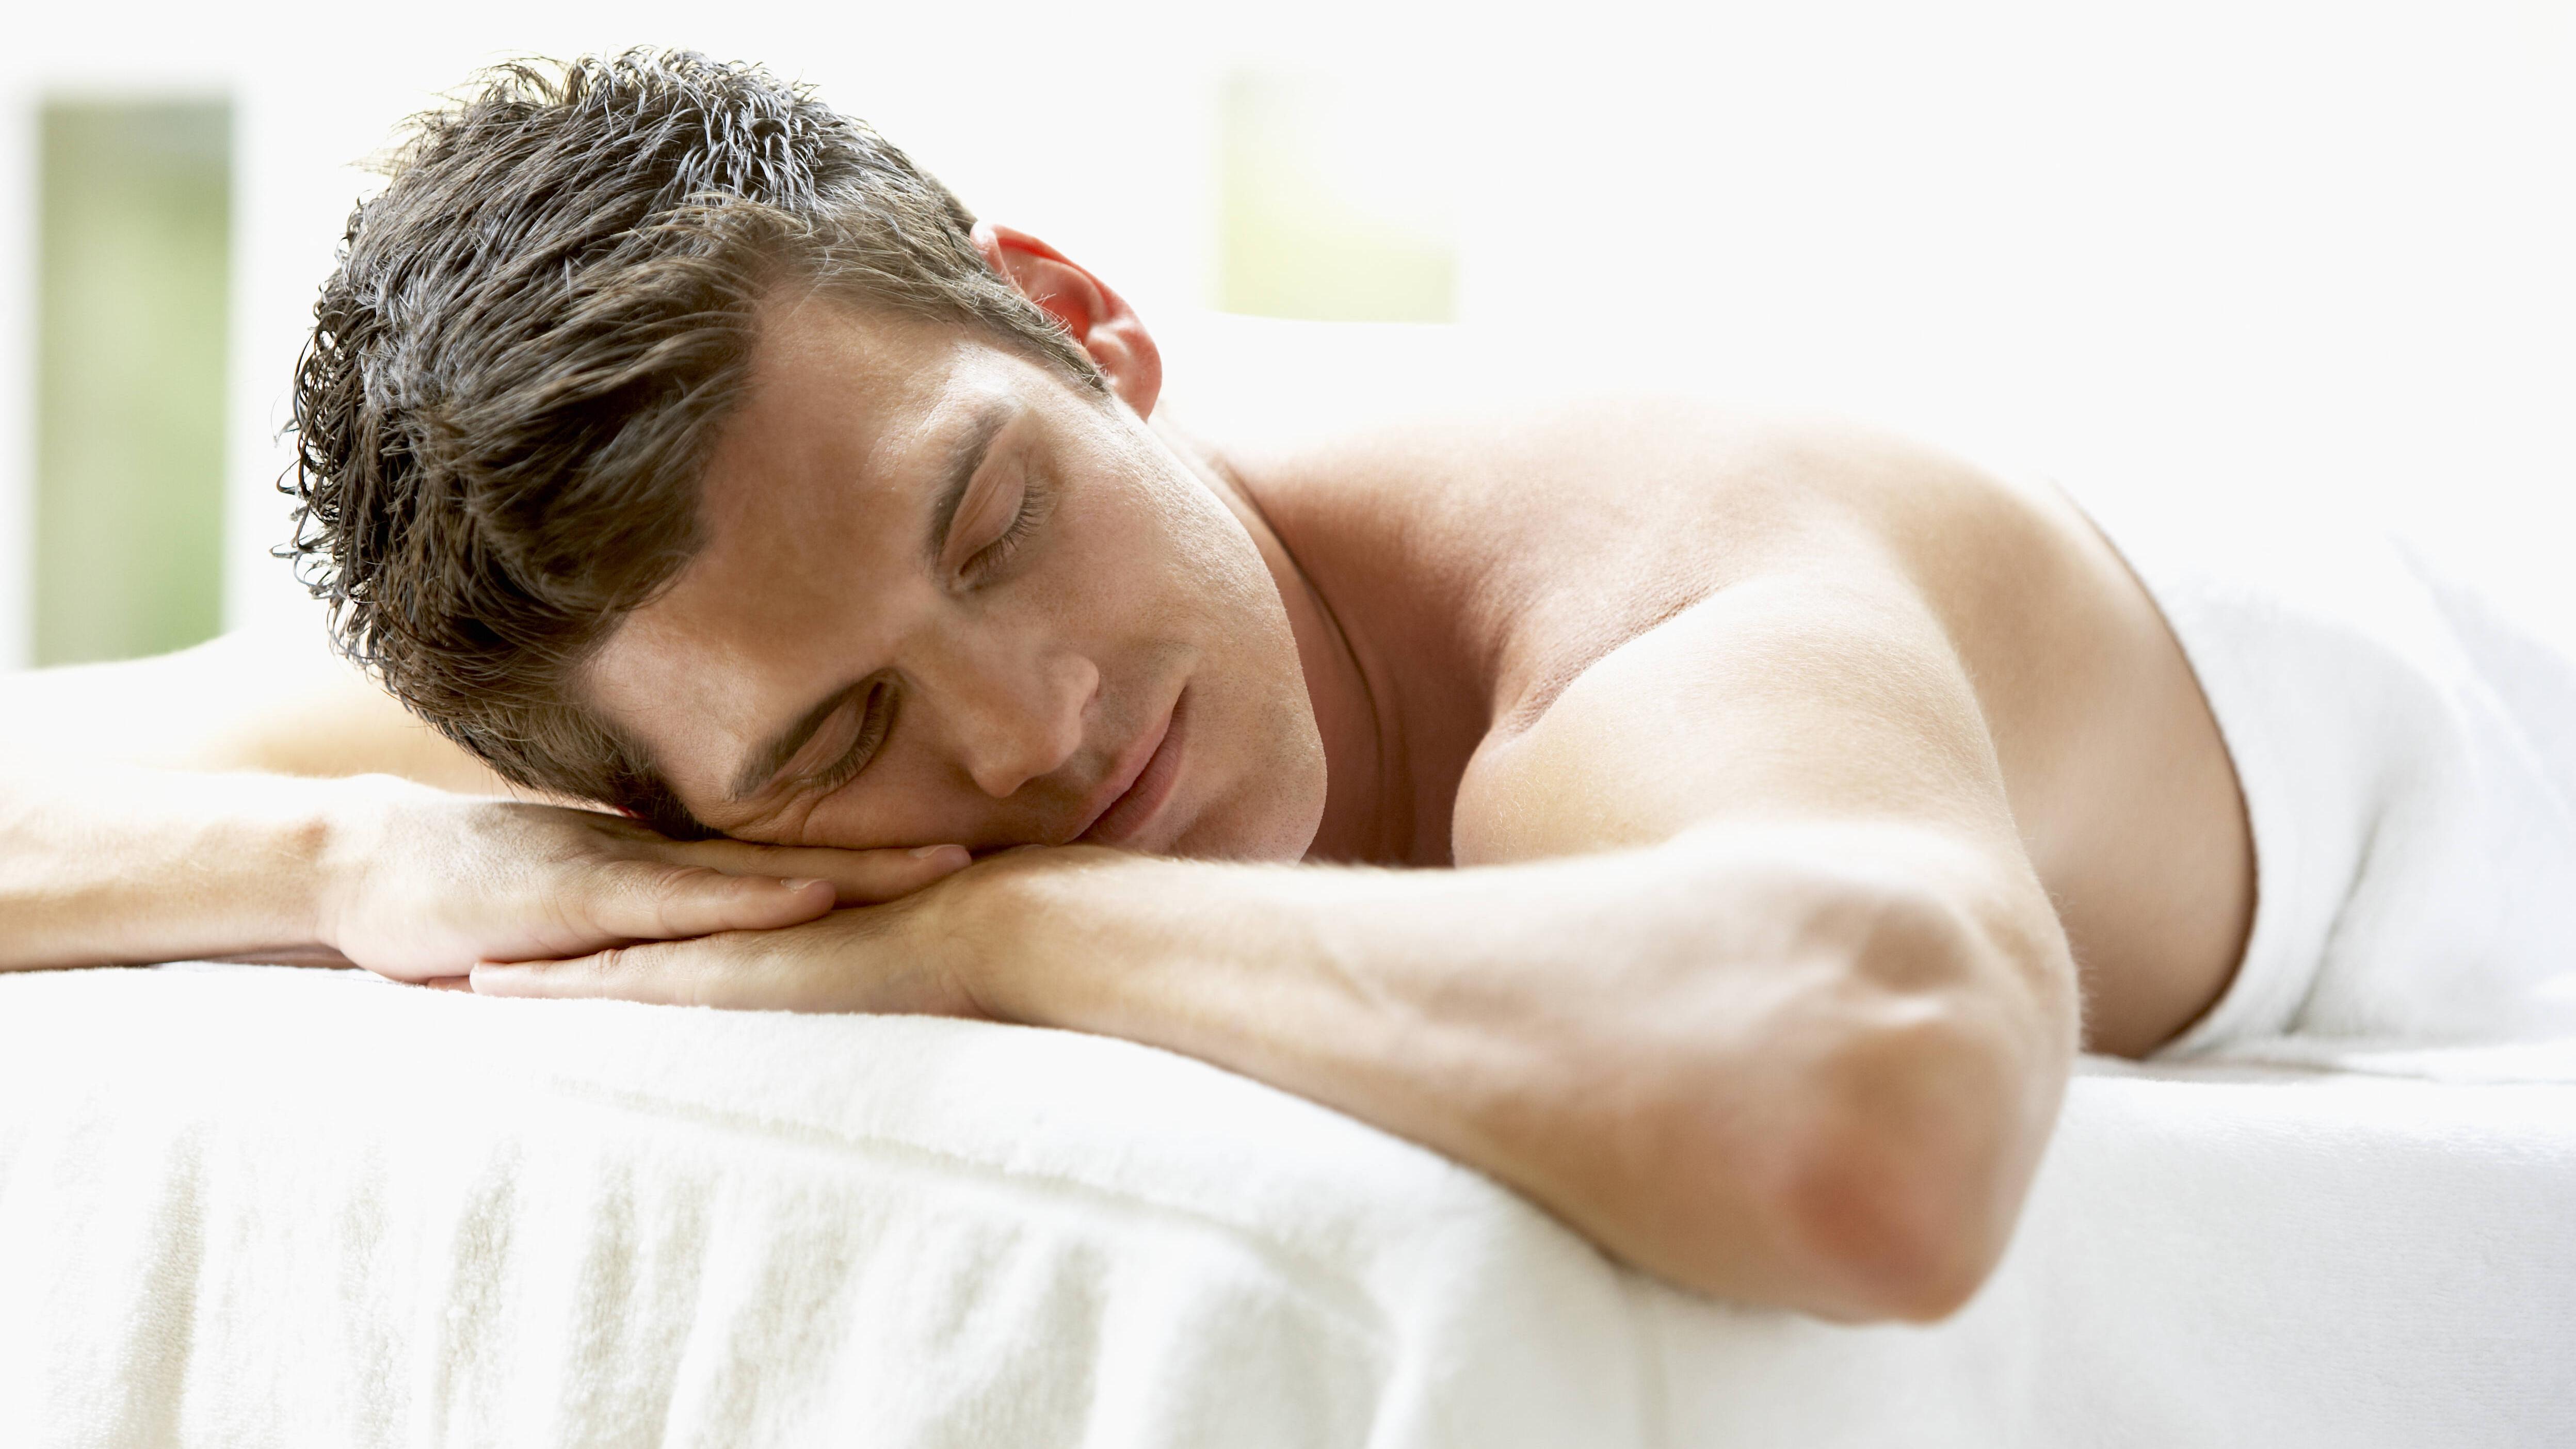 In der Bauchlage zu schlafen, hat viele Nachteile.